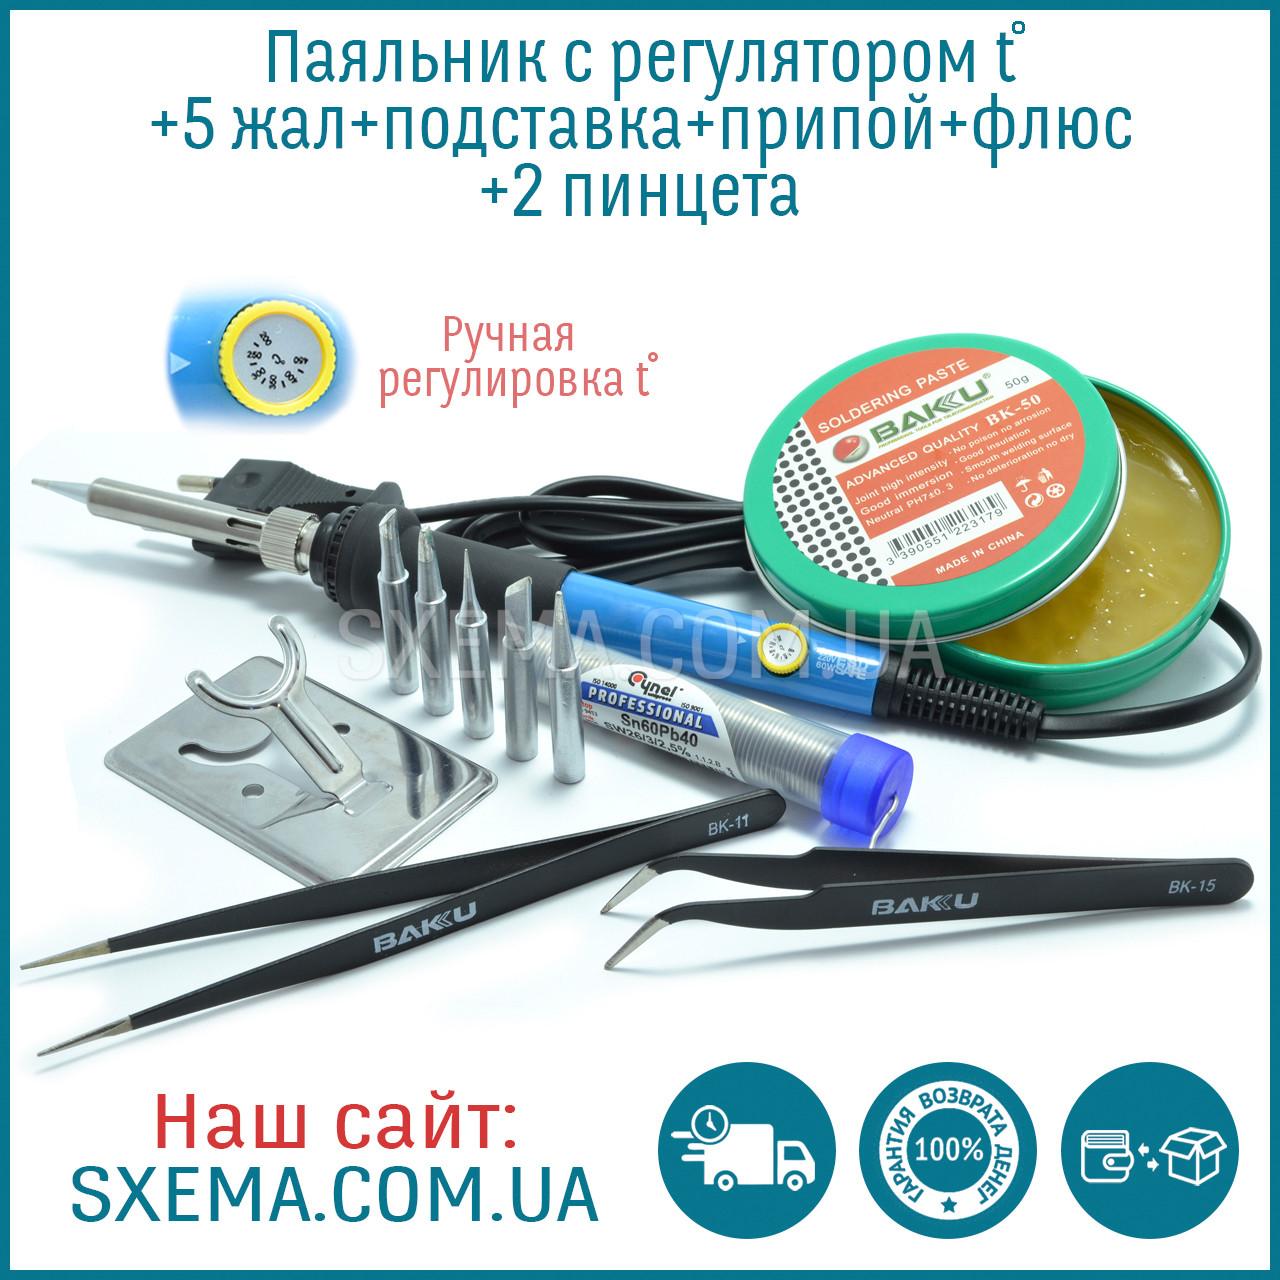 Паяльник с регулировкой температуры Yihua-947 60Вт + 5 жал + флюс + припой + пинцеты 2шт + подставка (набор)